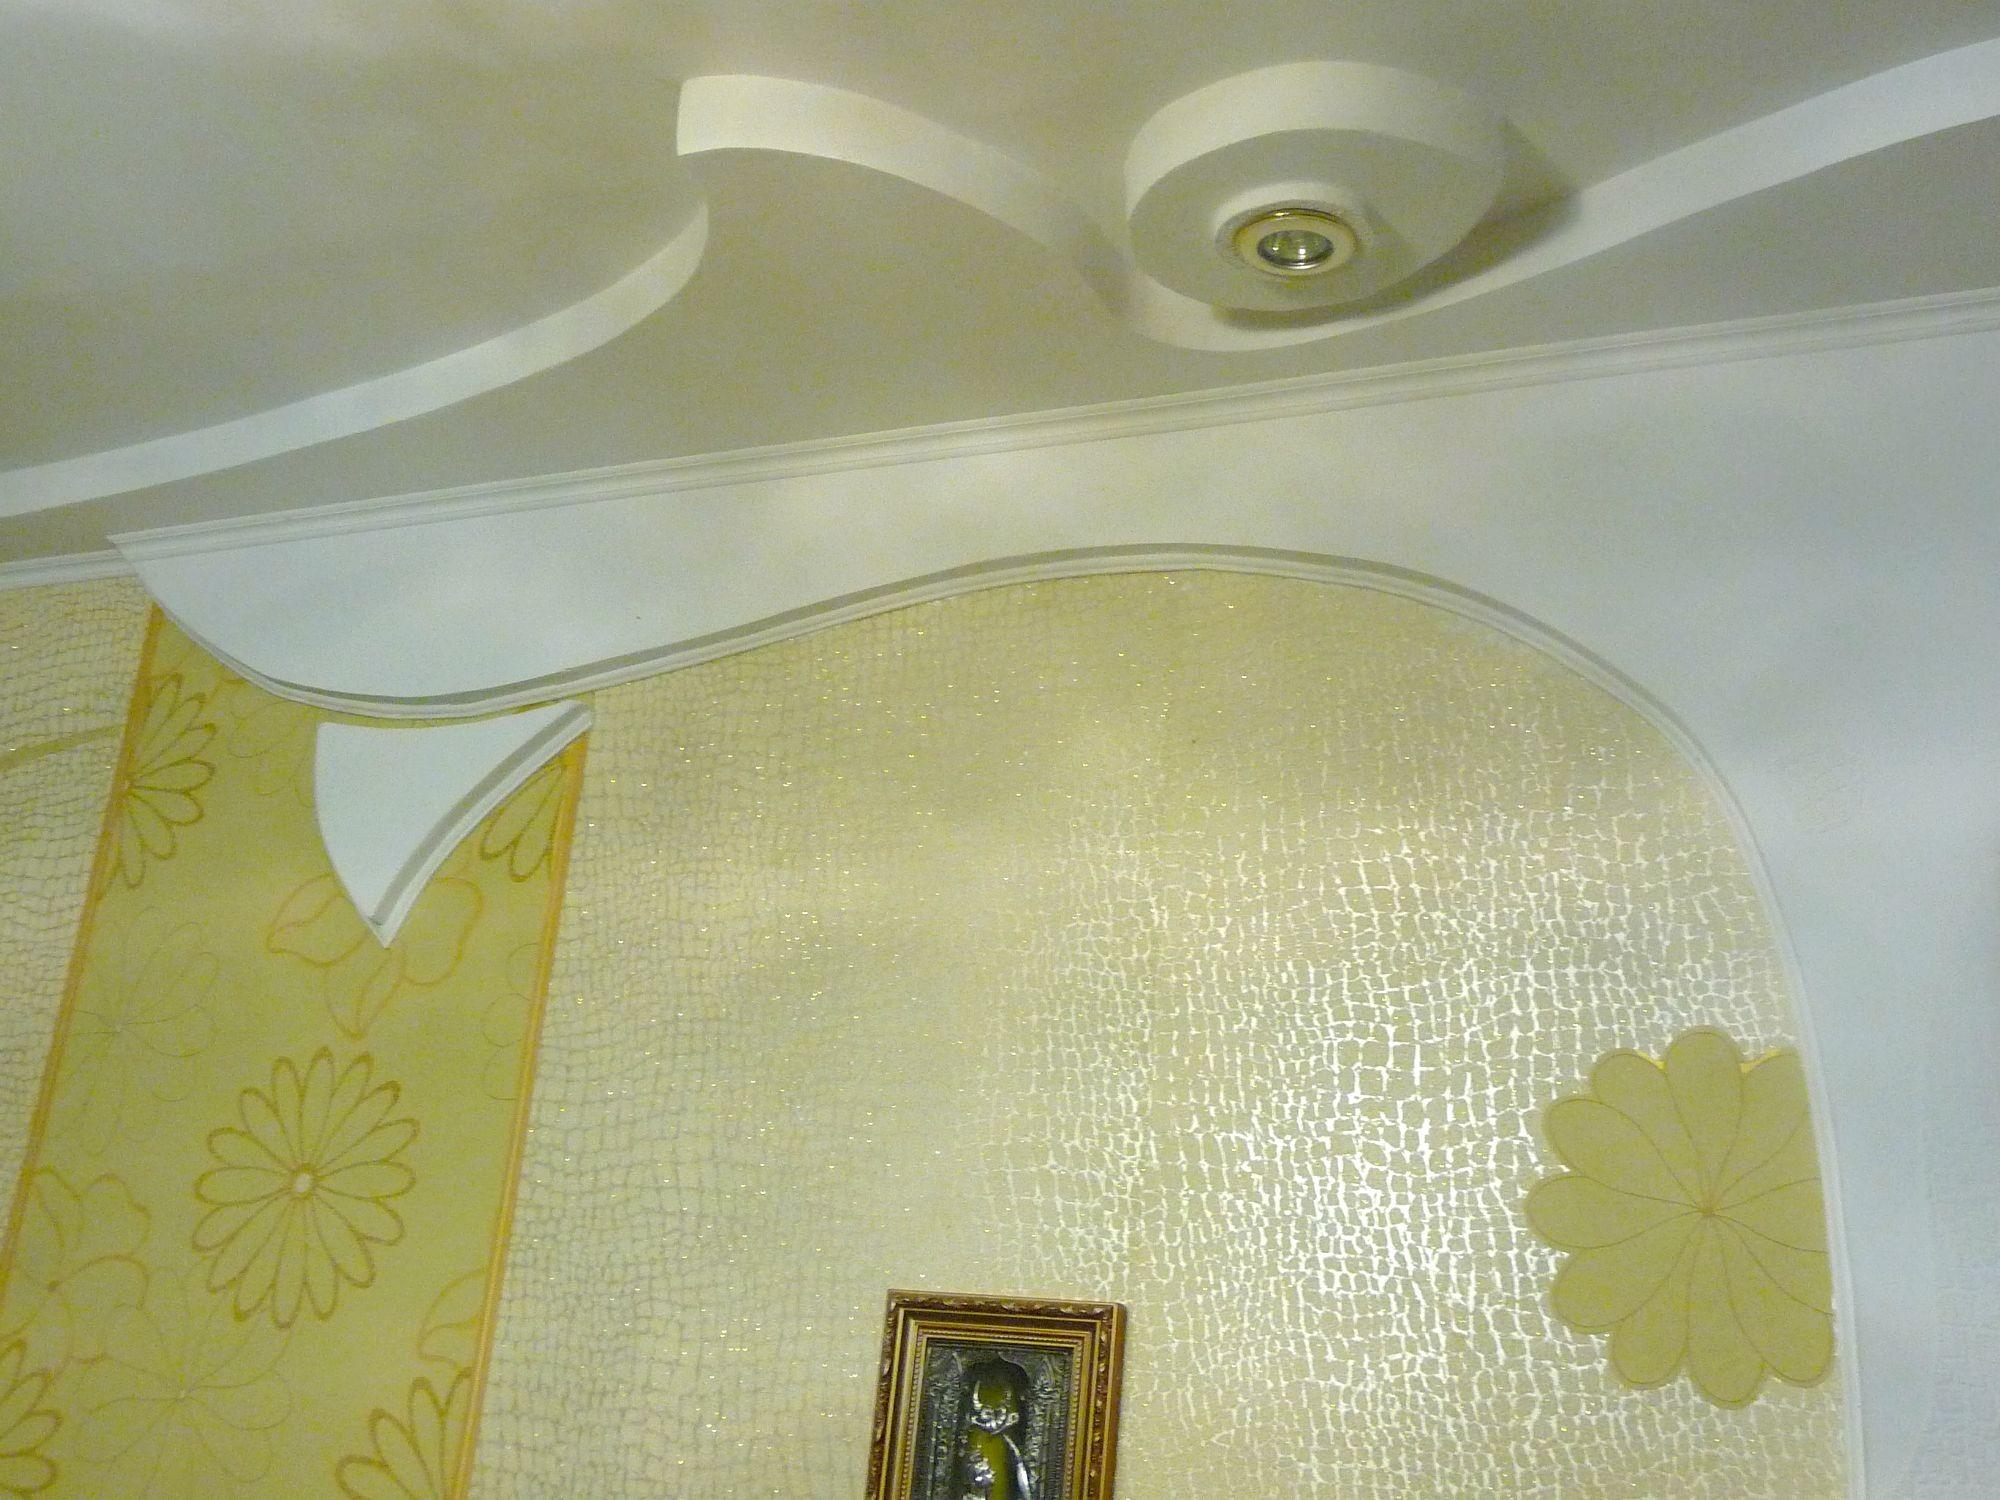 Декор потолка своими руками (38 фото обоями, тканью, и другие) 89